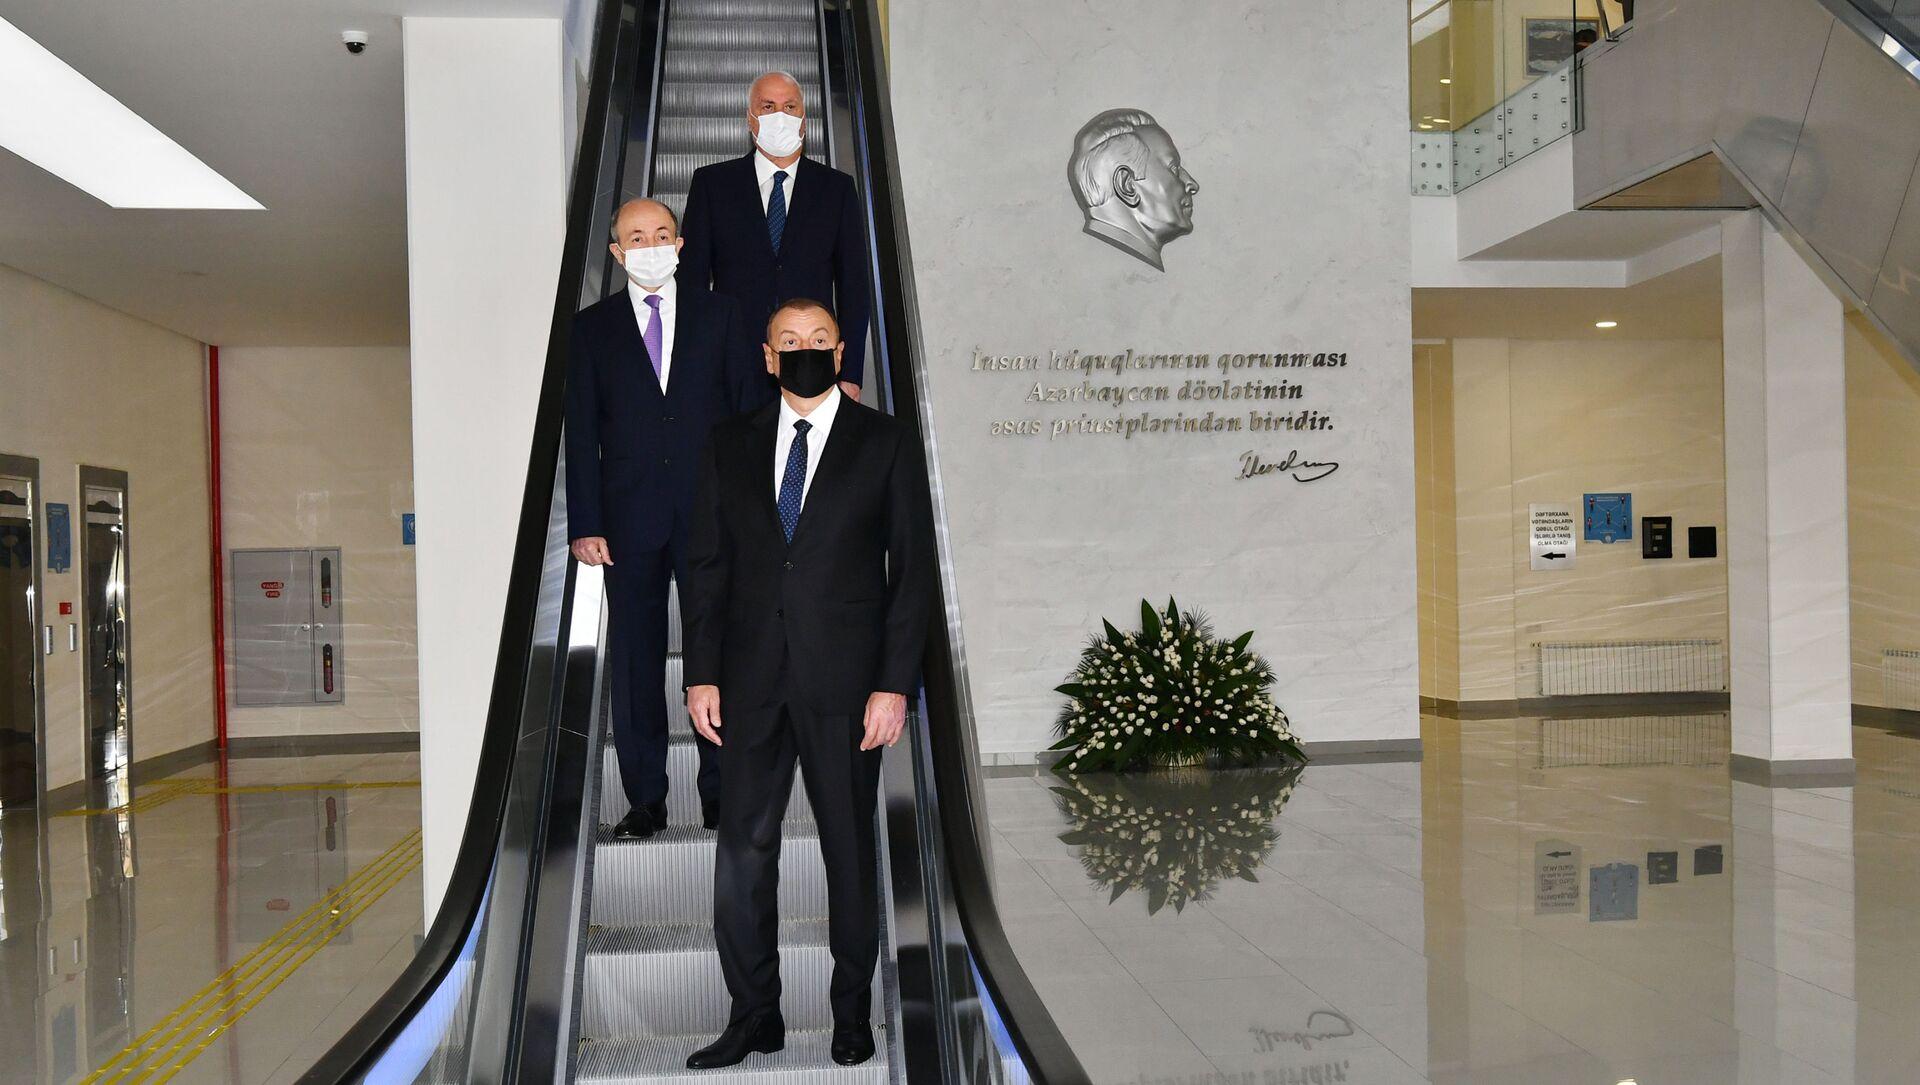 Президент Ильхам Алиев принял участие в открытии Сумгайытского судебного комплекса - Sputnik Azərbaycan, 1920, 03.09.2021